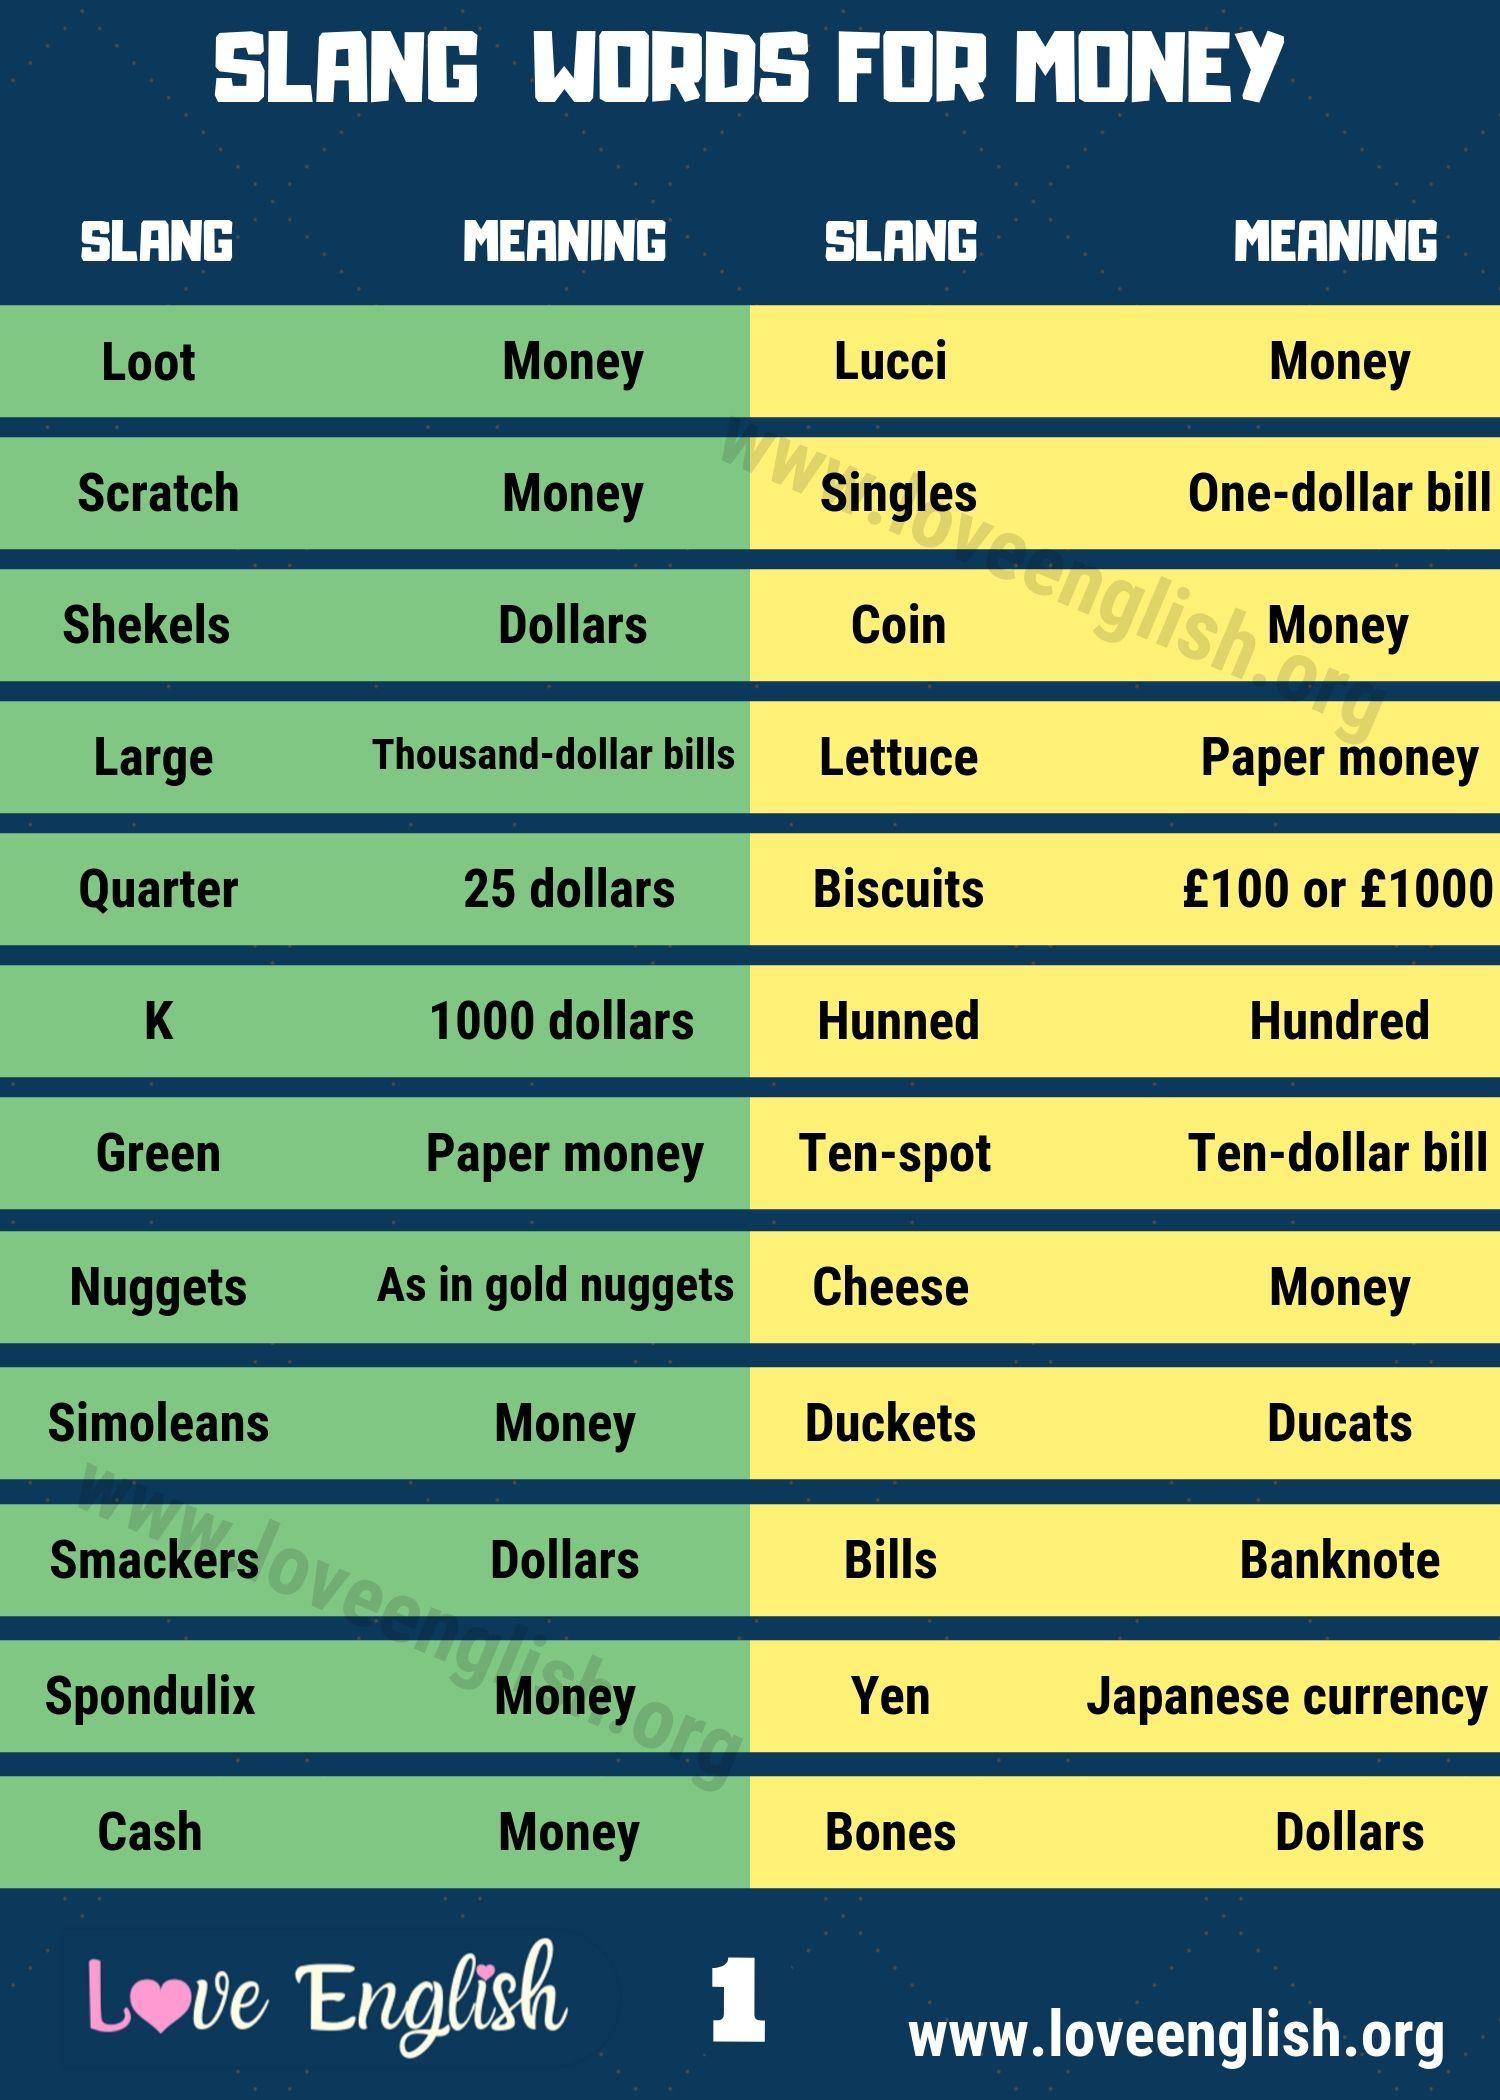 Slang for Money